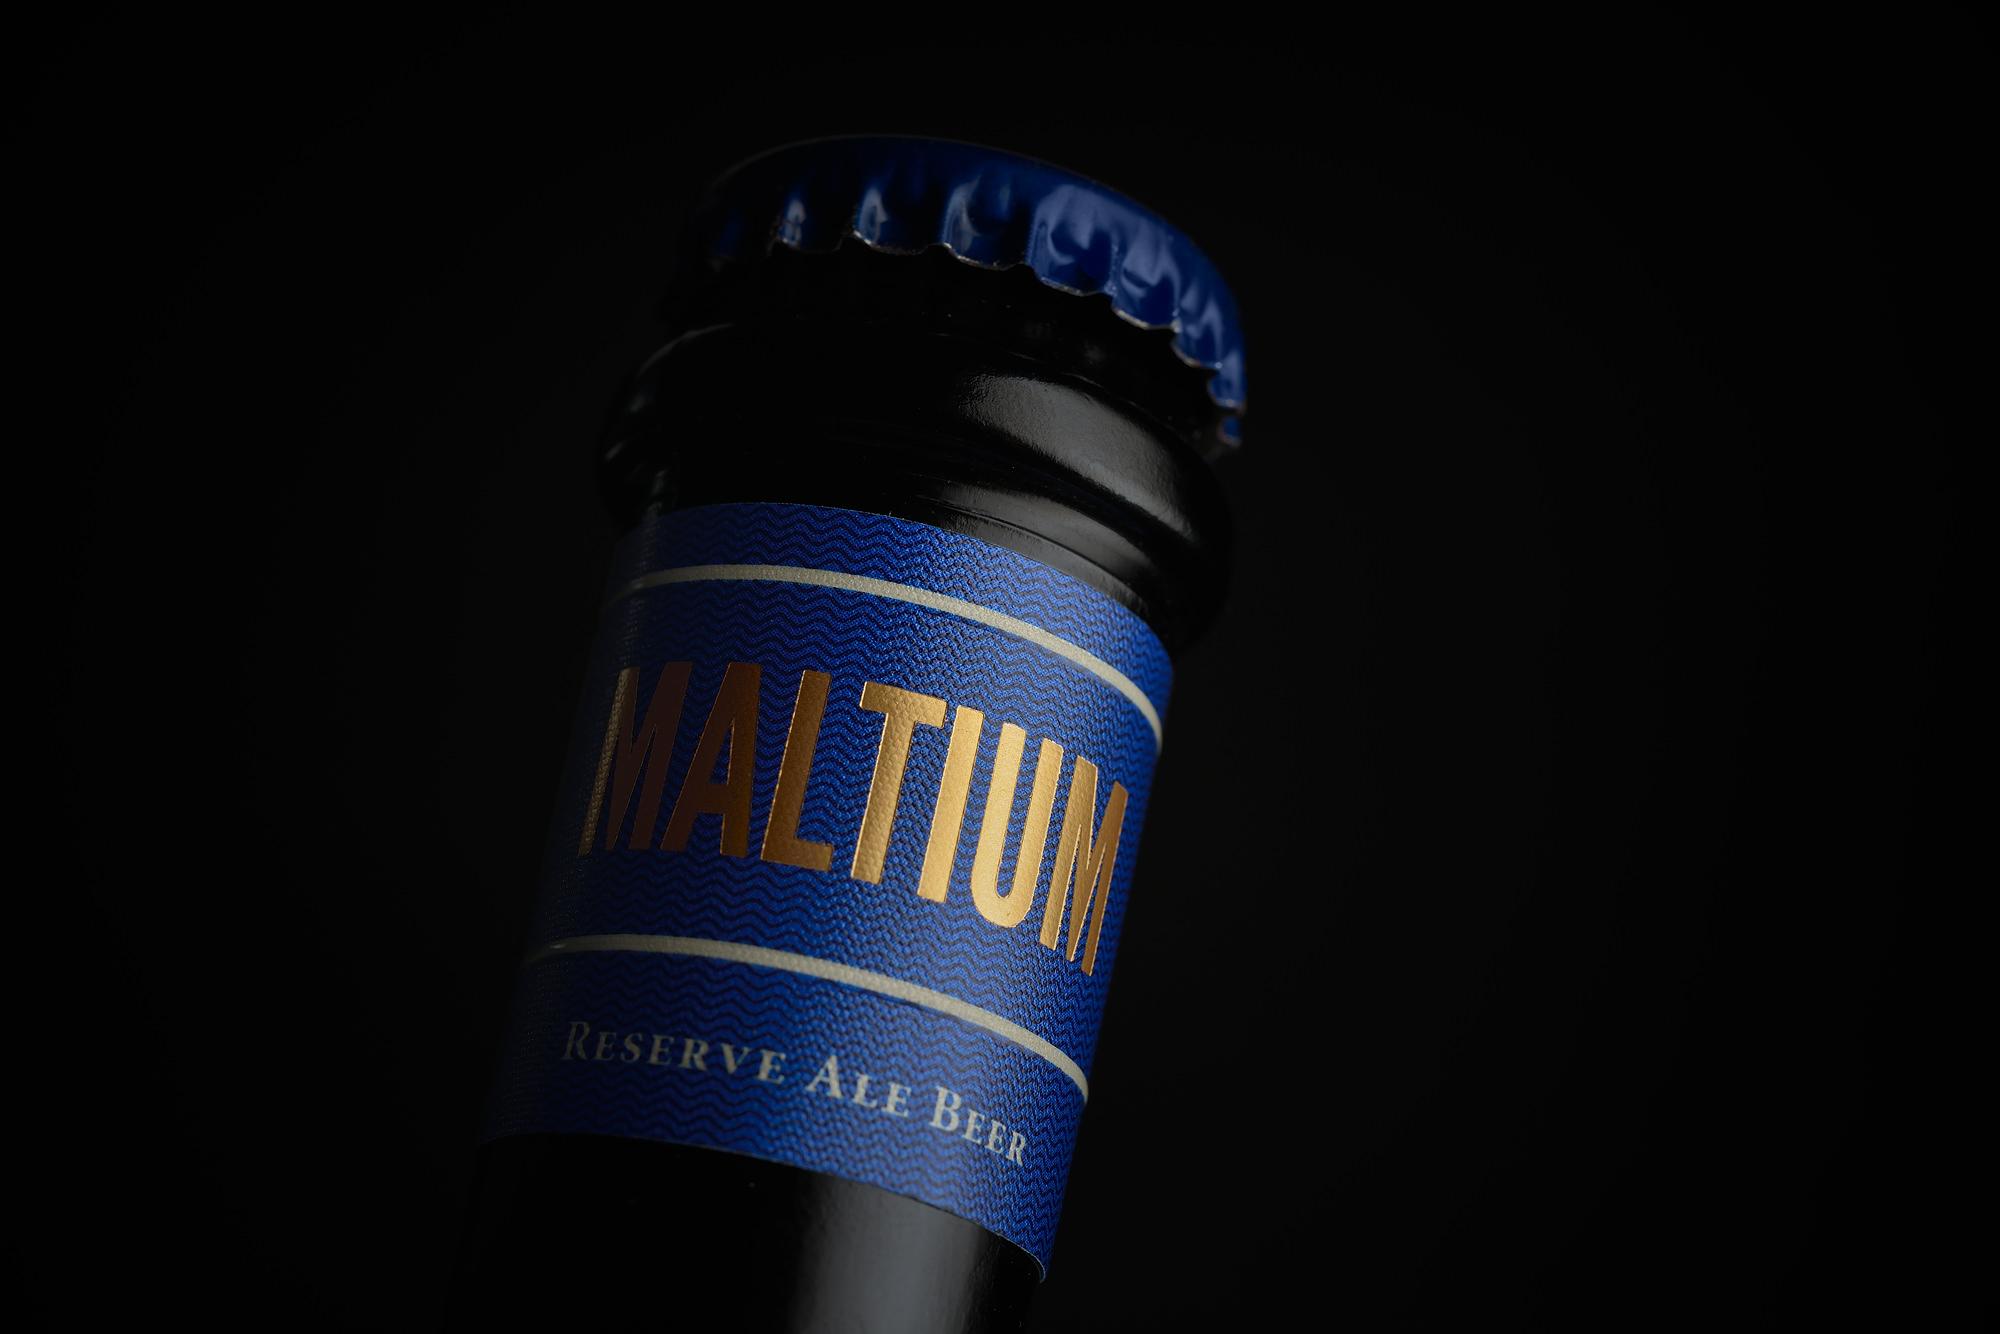 Maltium3